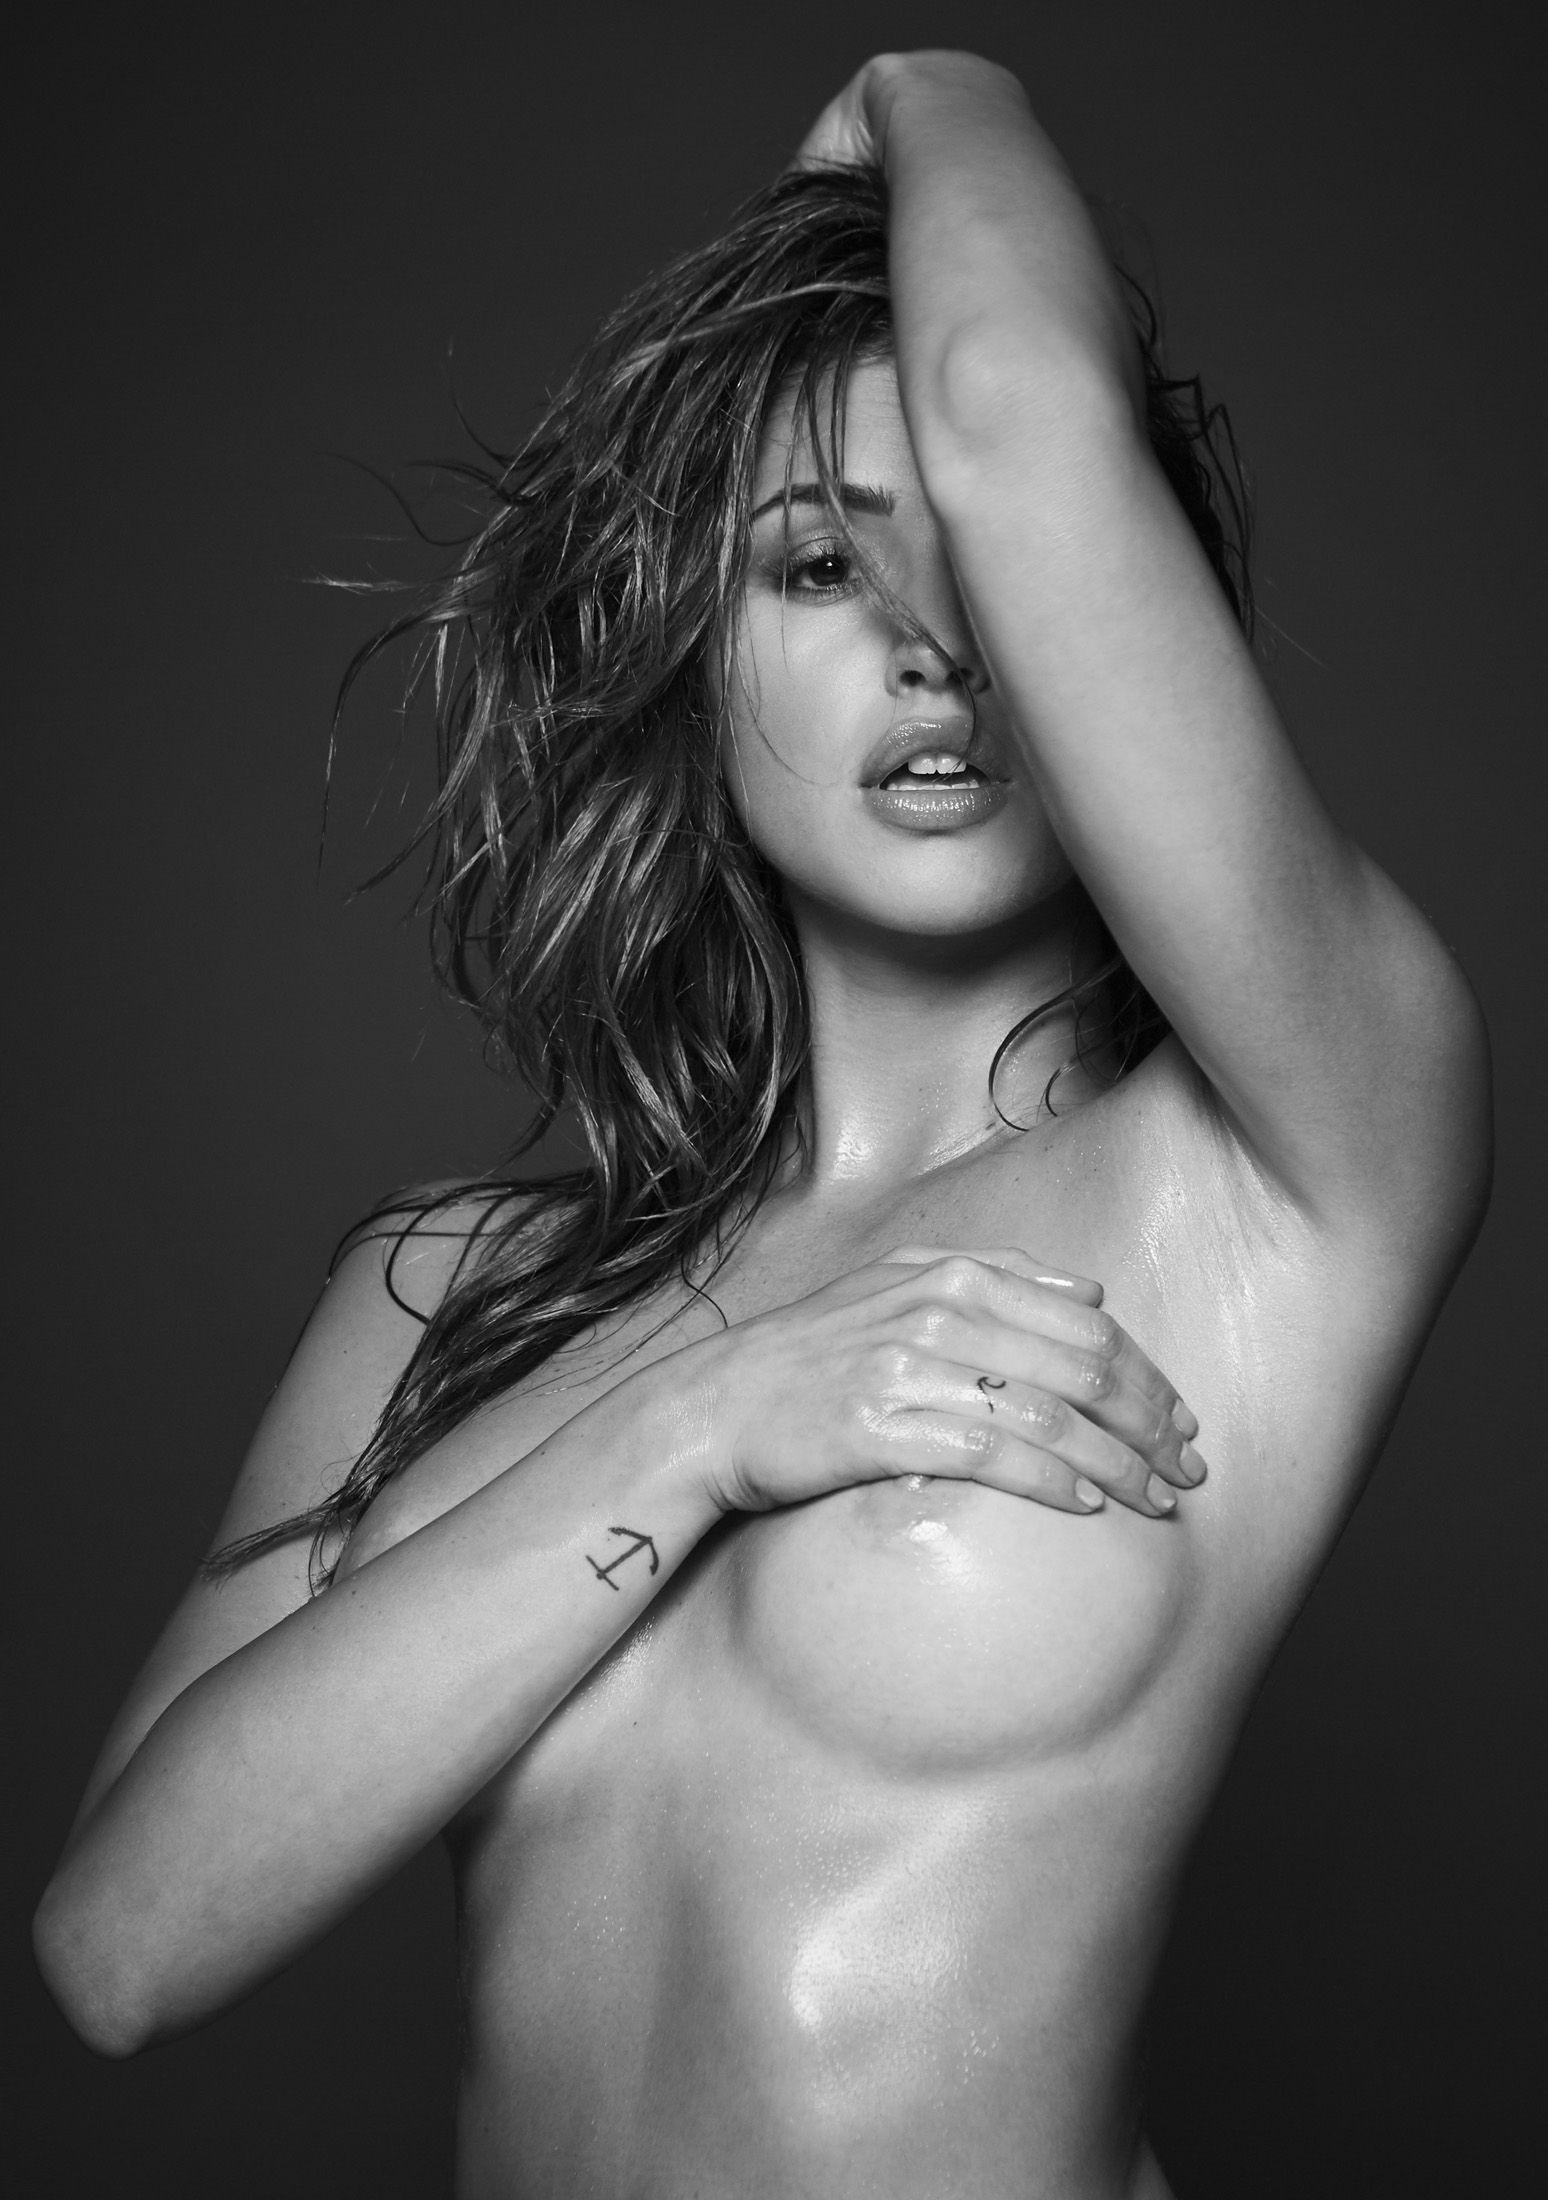 Roxanne mckee maxim uk dec 2008 hq scans Sex gallery Melissa reeves ass,Yesjulz topless